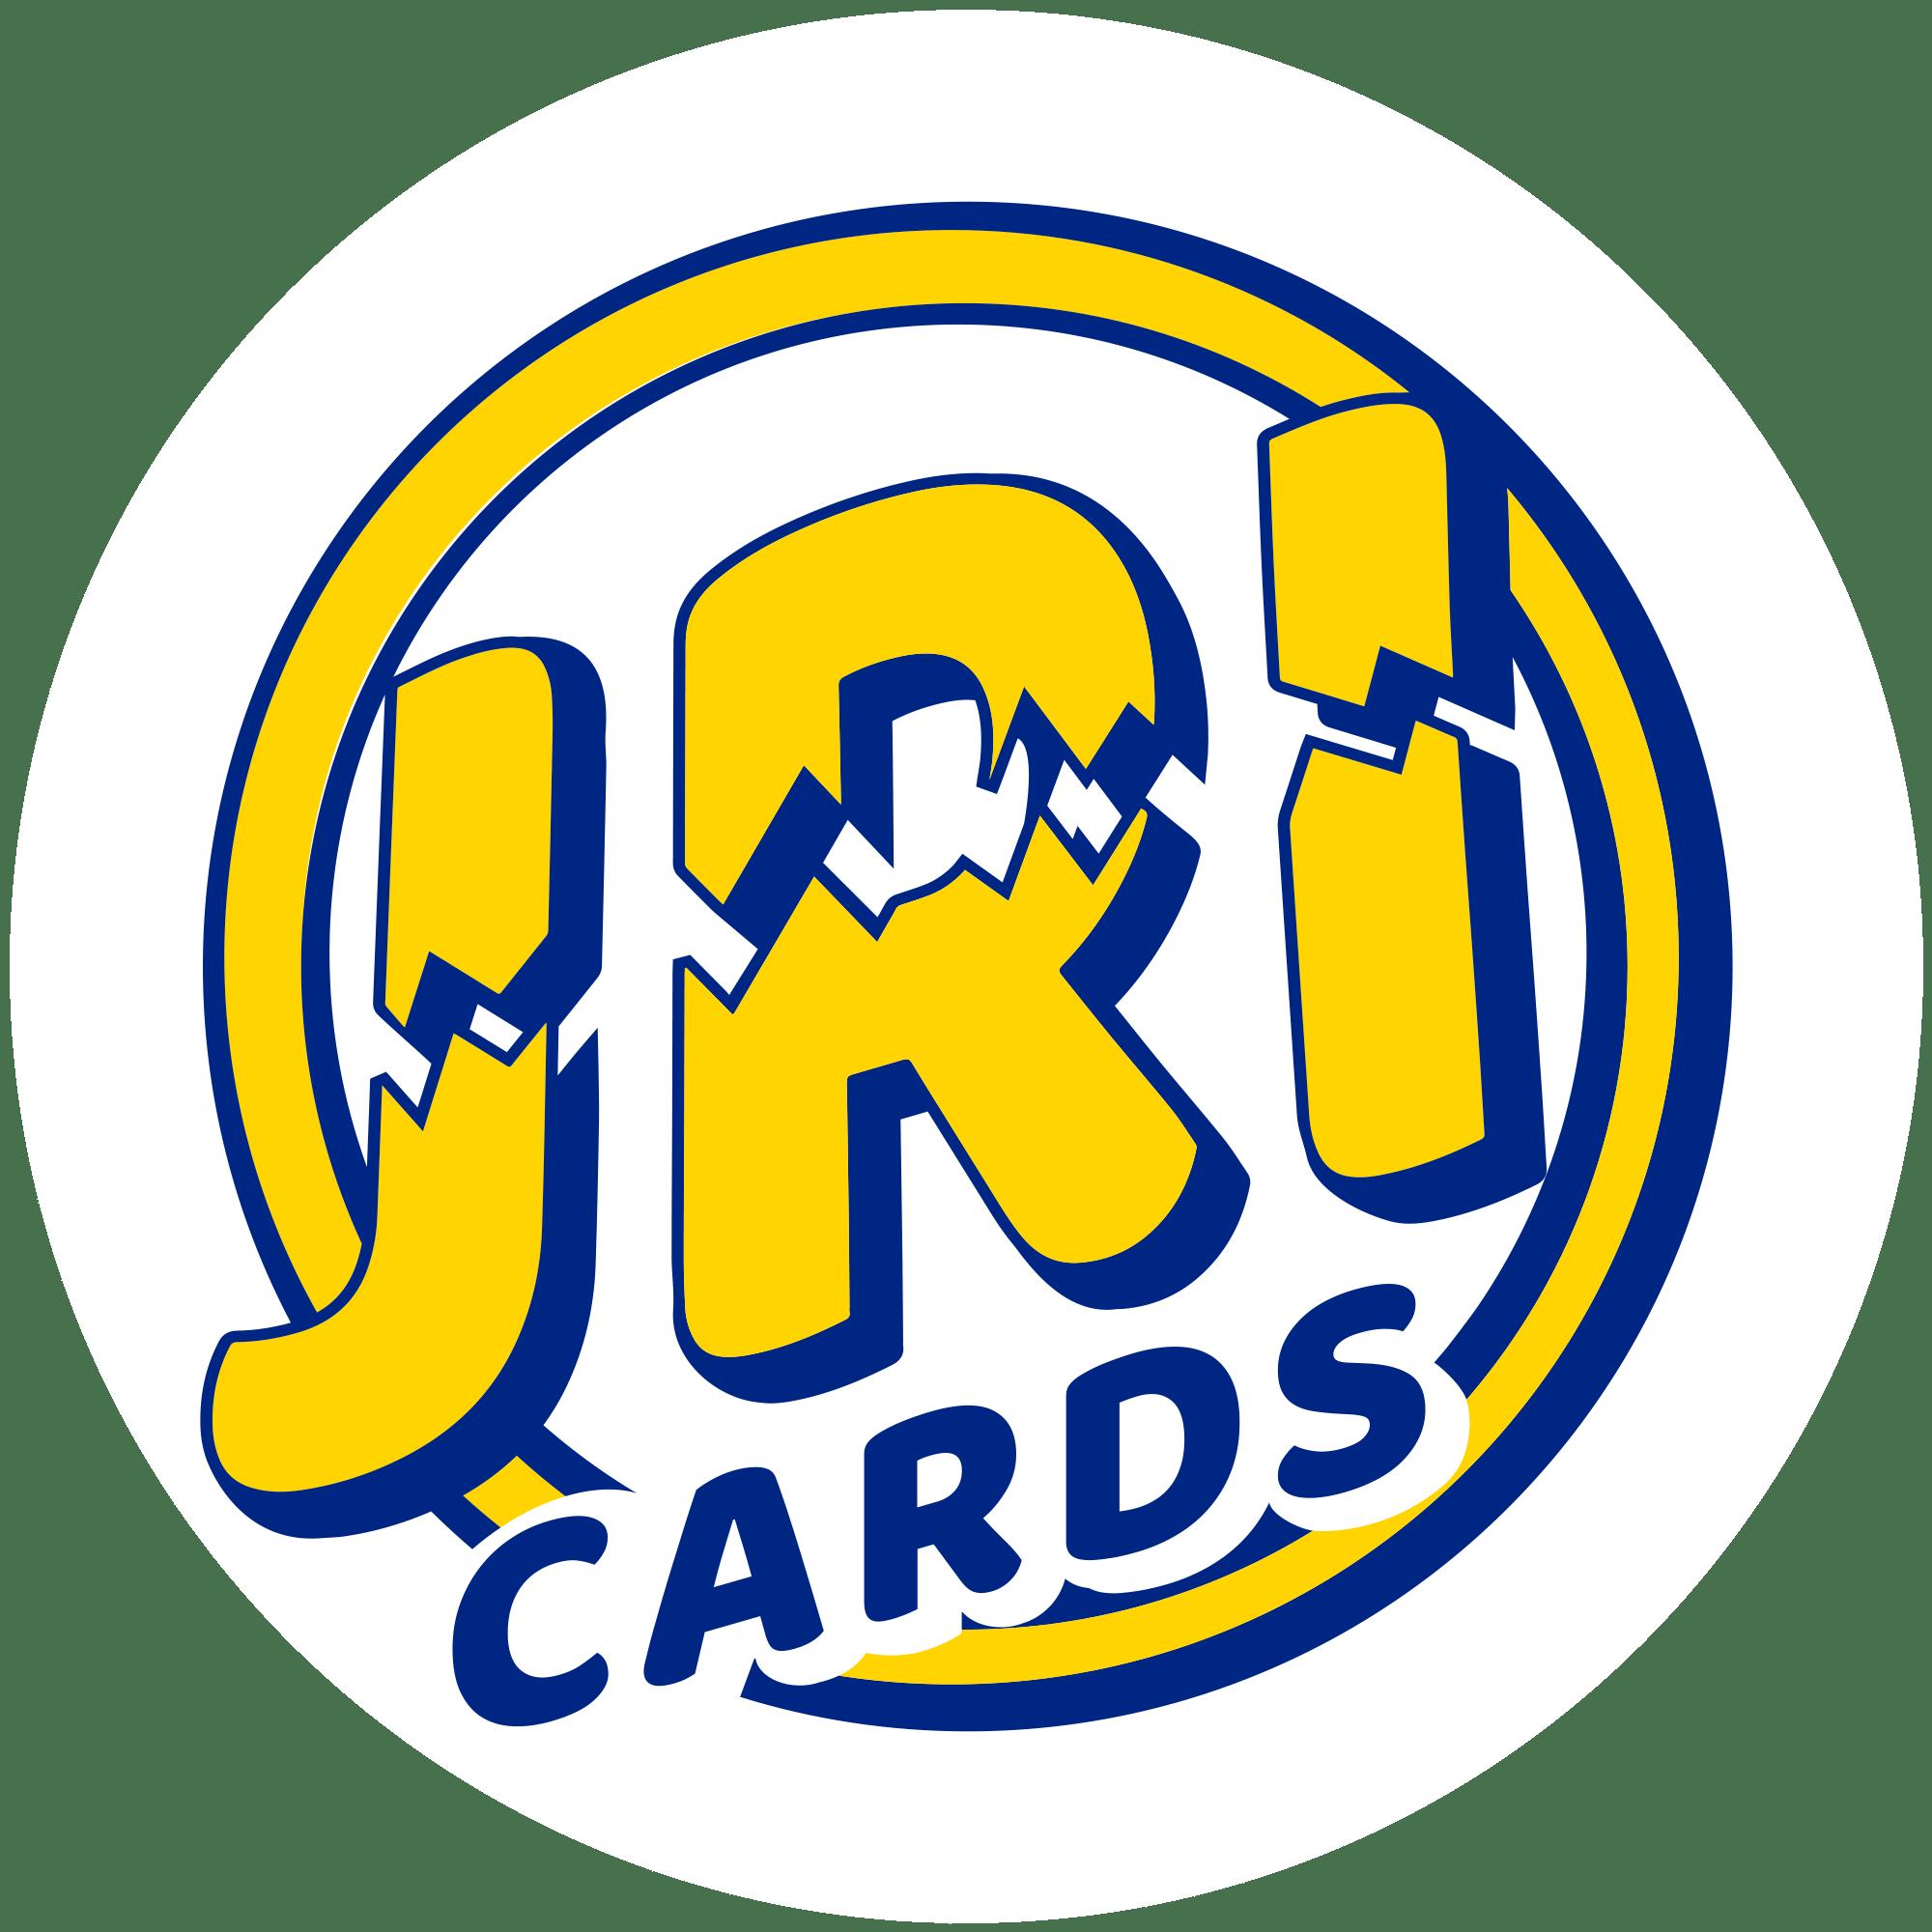 JRI BLENDER|1970 TOPPS BASKETBALL WAX PACK + 1988 FLEER BSK WAX PACK W/ JORDAN STICKER + 78 & 81 TOPPS BSK WAX PACKS (50 SPOTS AVAILABLE)